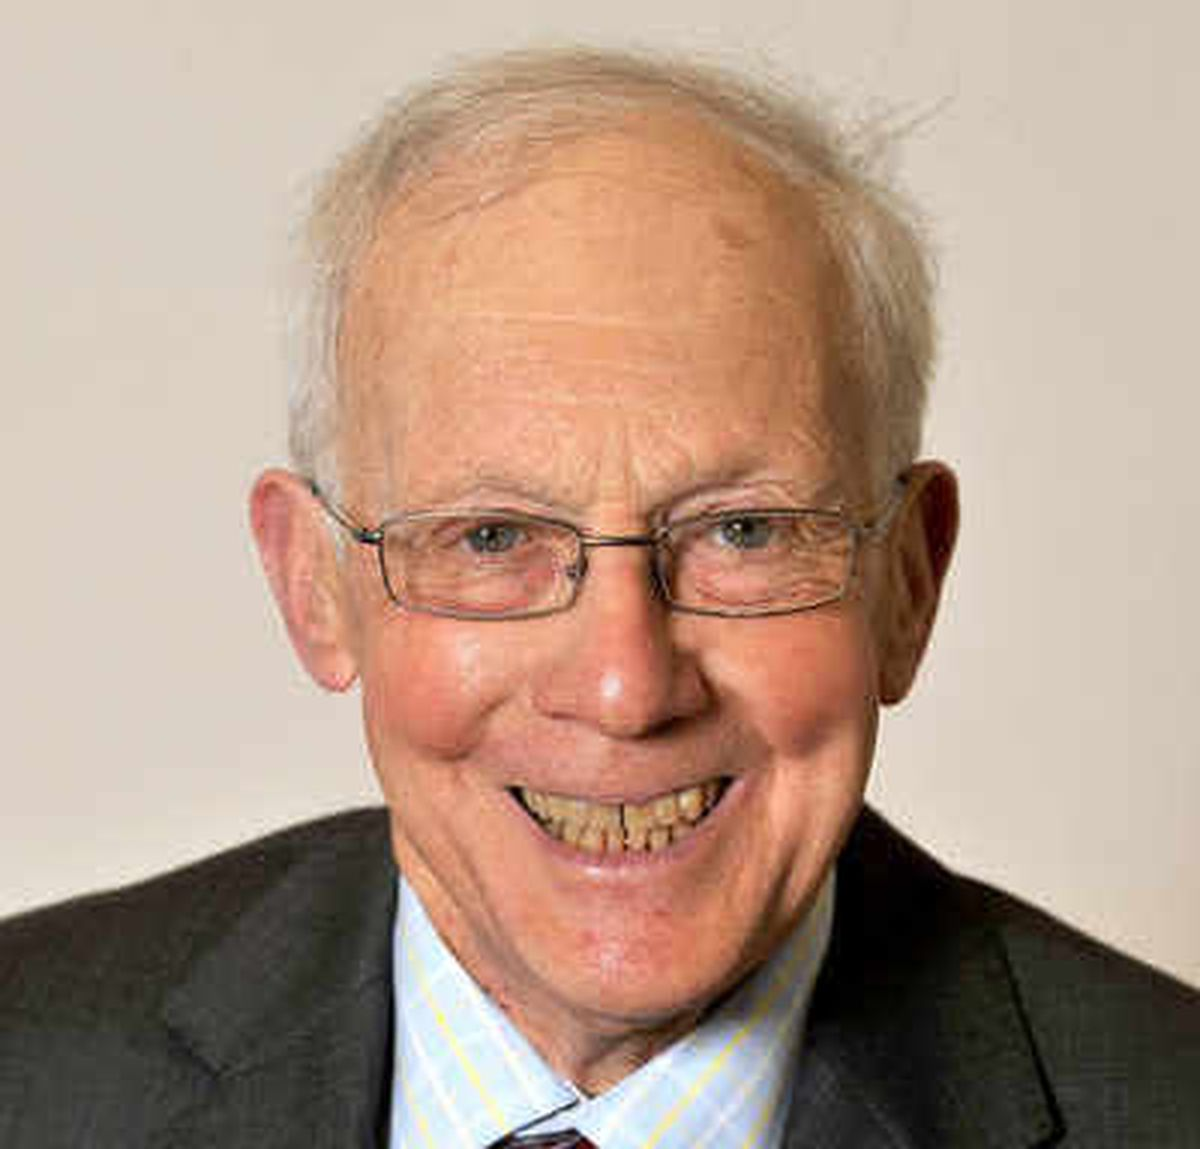 Walsall North MP David Winnick